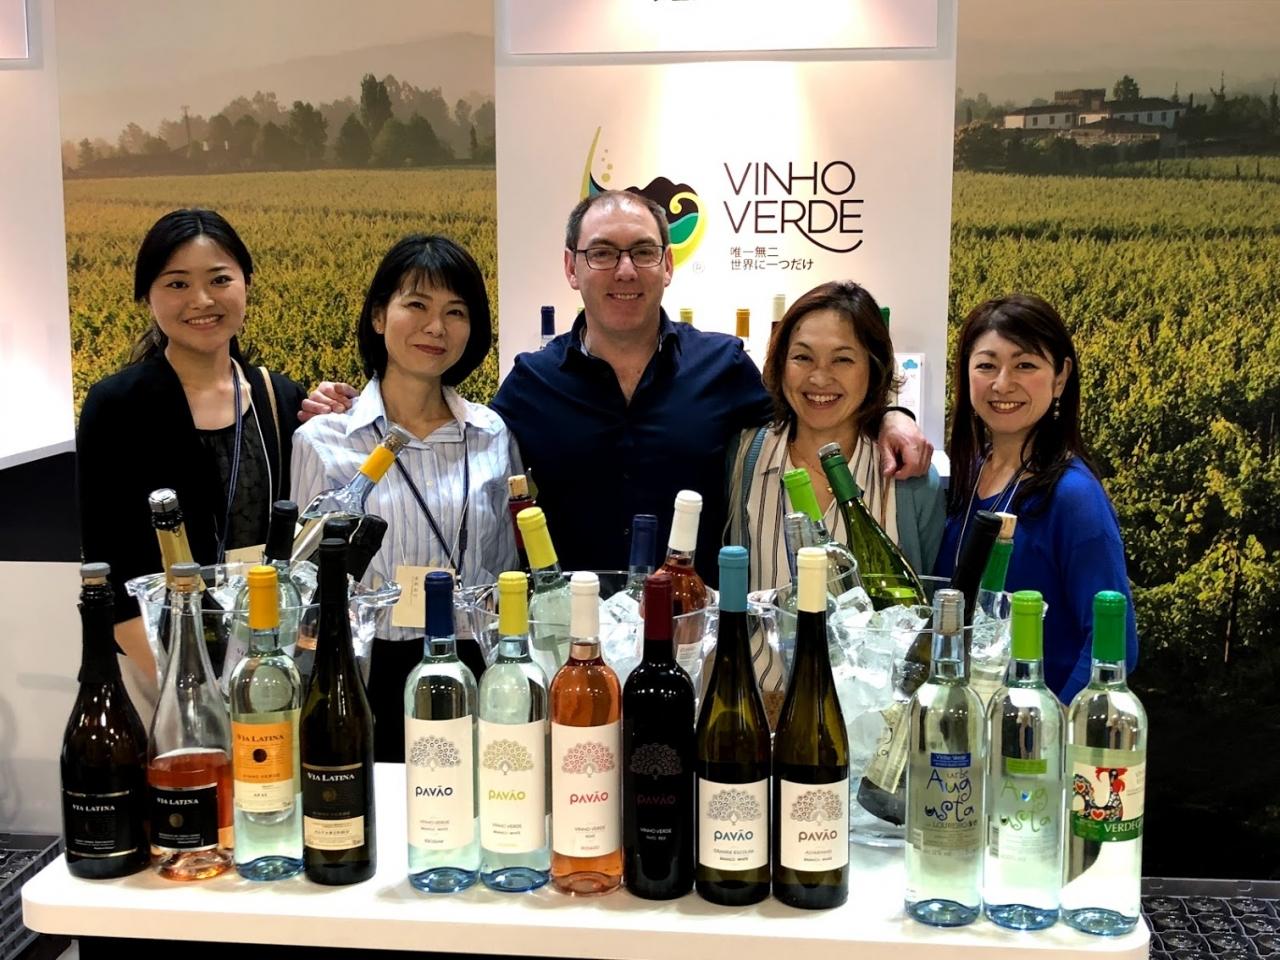 ワイン&グルメ2018出展のため生産者来日!